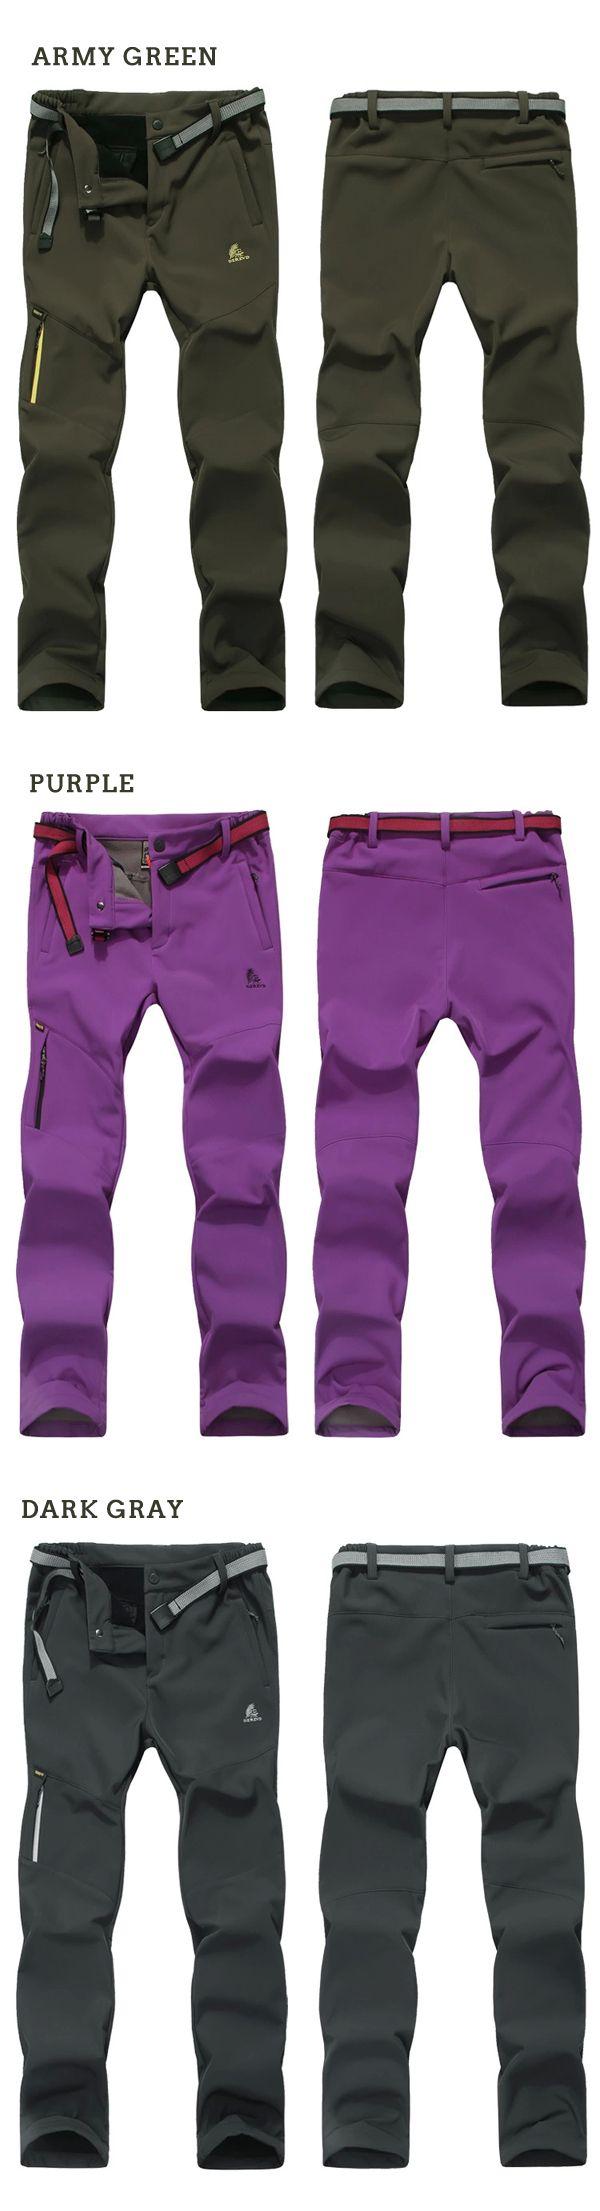 Fleece Waterproof Hiking Skiing Pant